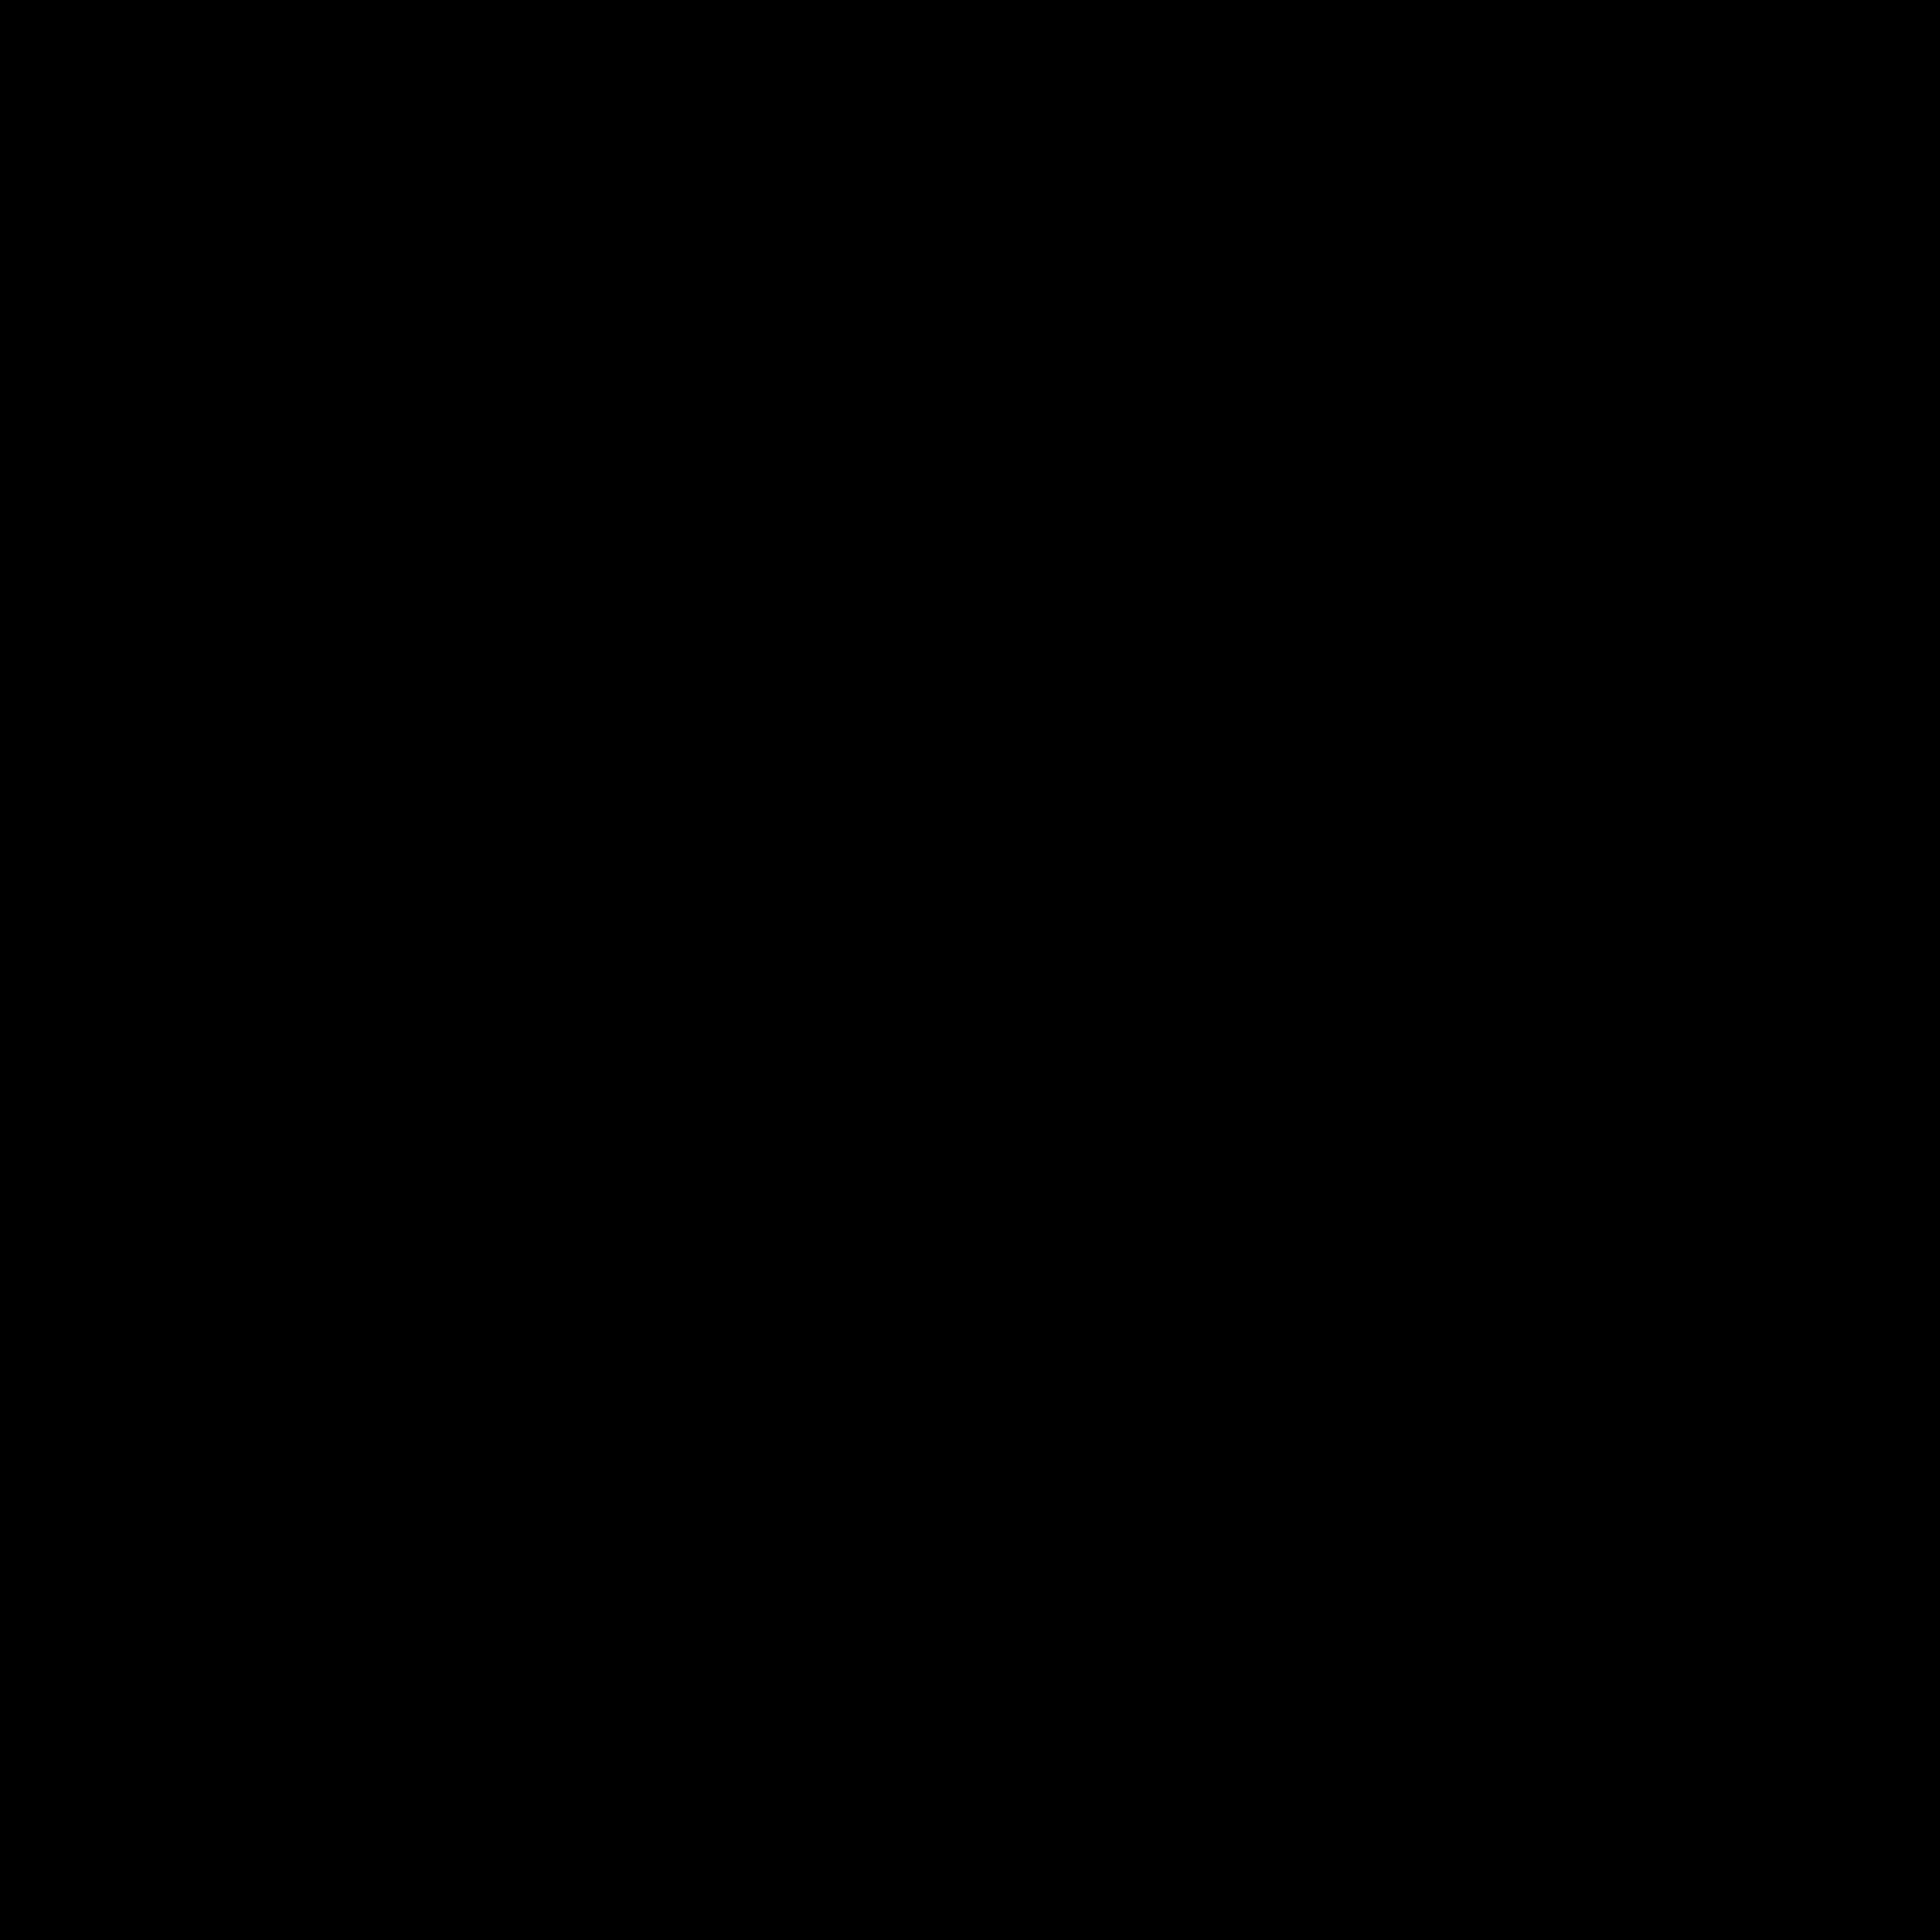 louis vuitton logo png transparent amp svg vector freebie